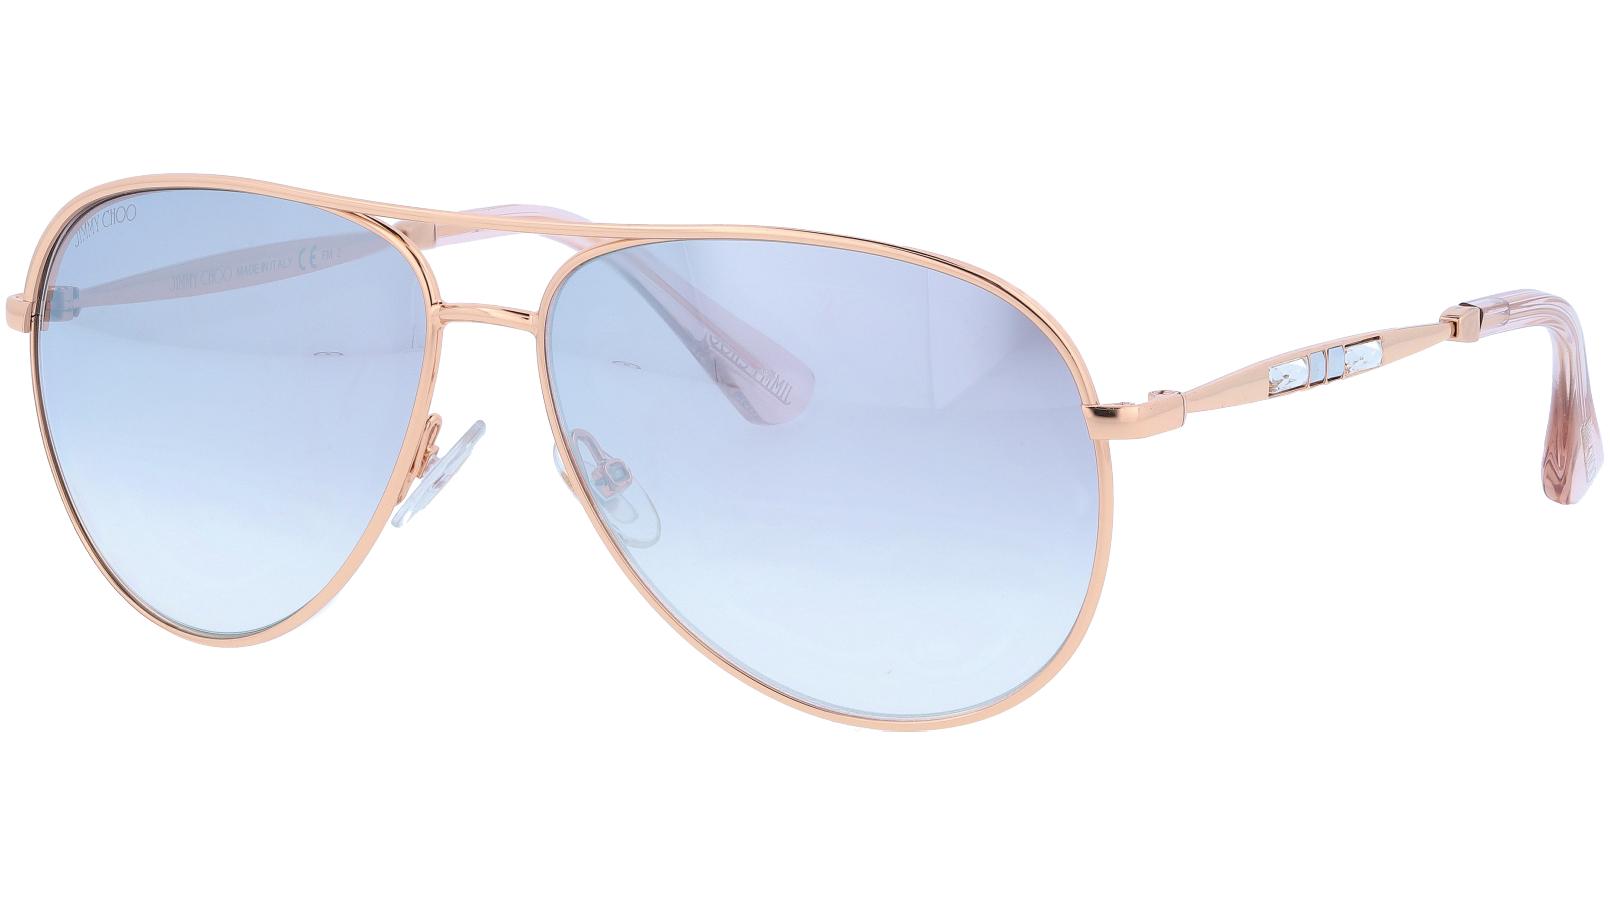 Jimmy Choo JEWLYS DDBFU 58 Gold Sunglasses